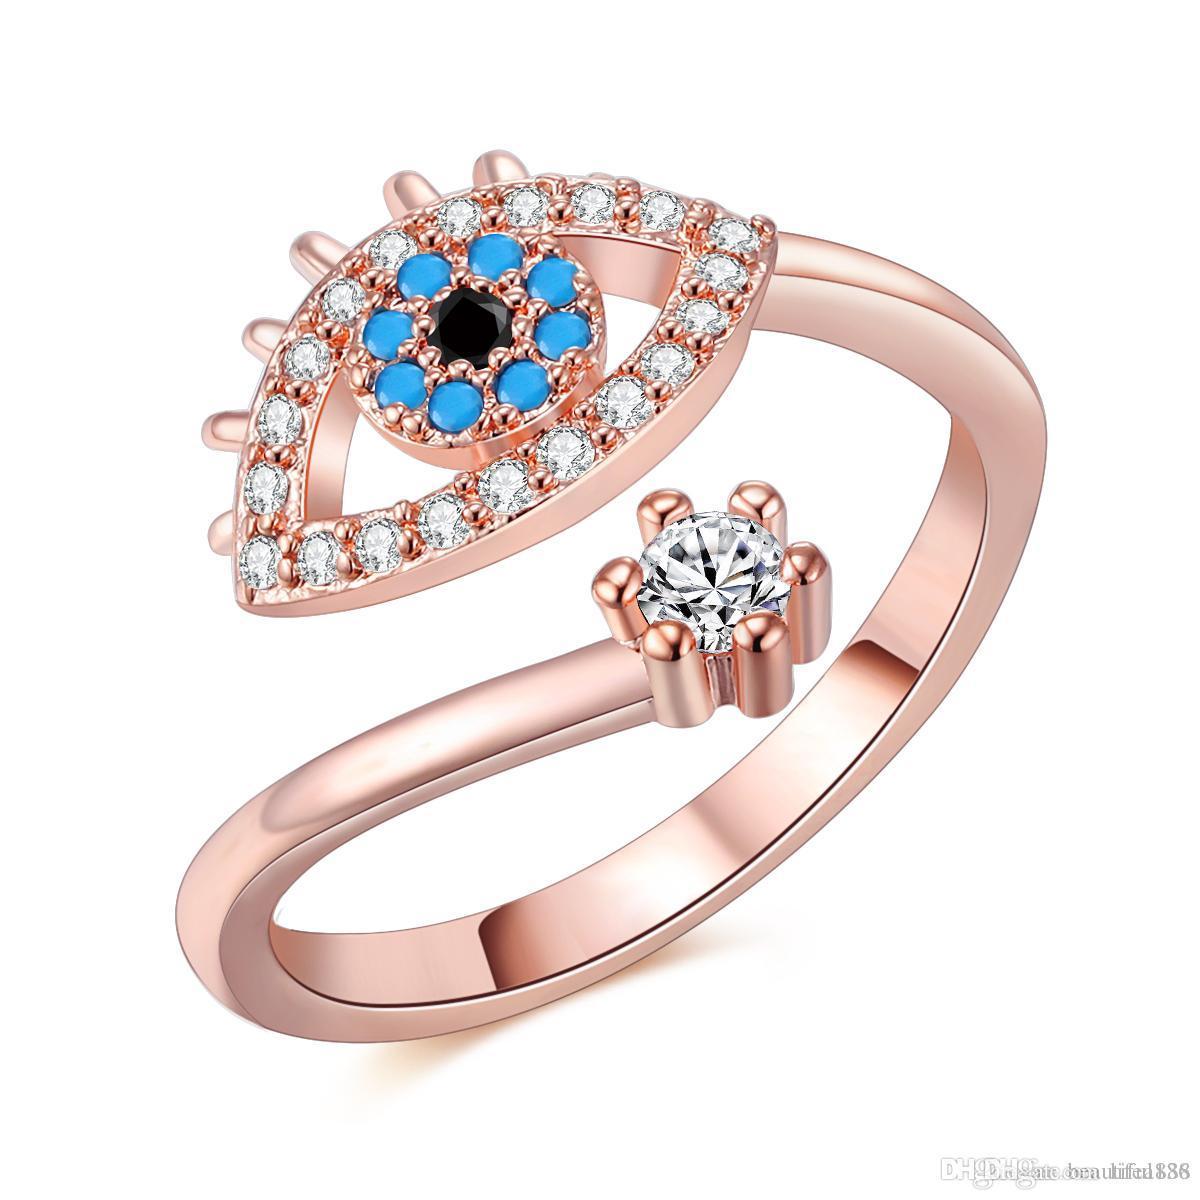 Einstellbare Ring für Frauen Rose Gold Farbe Blau Kristall Bösen Blick Hochzeit Schmuck Mädchen Party Bague Trendy Mode Ringe